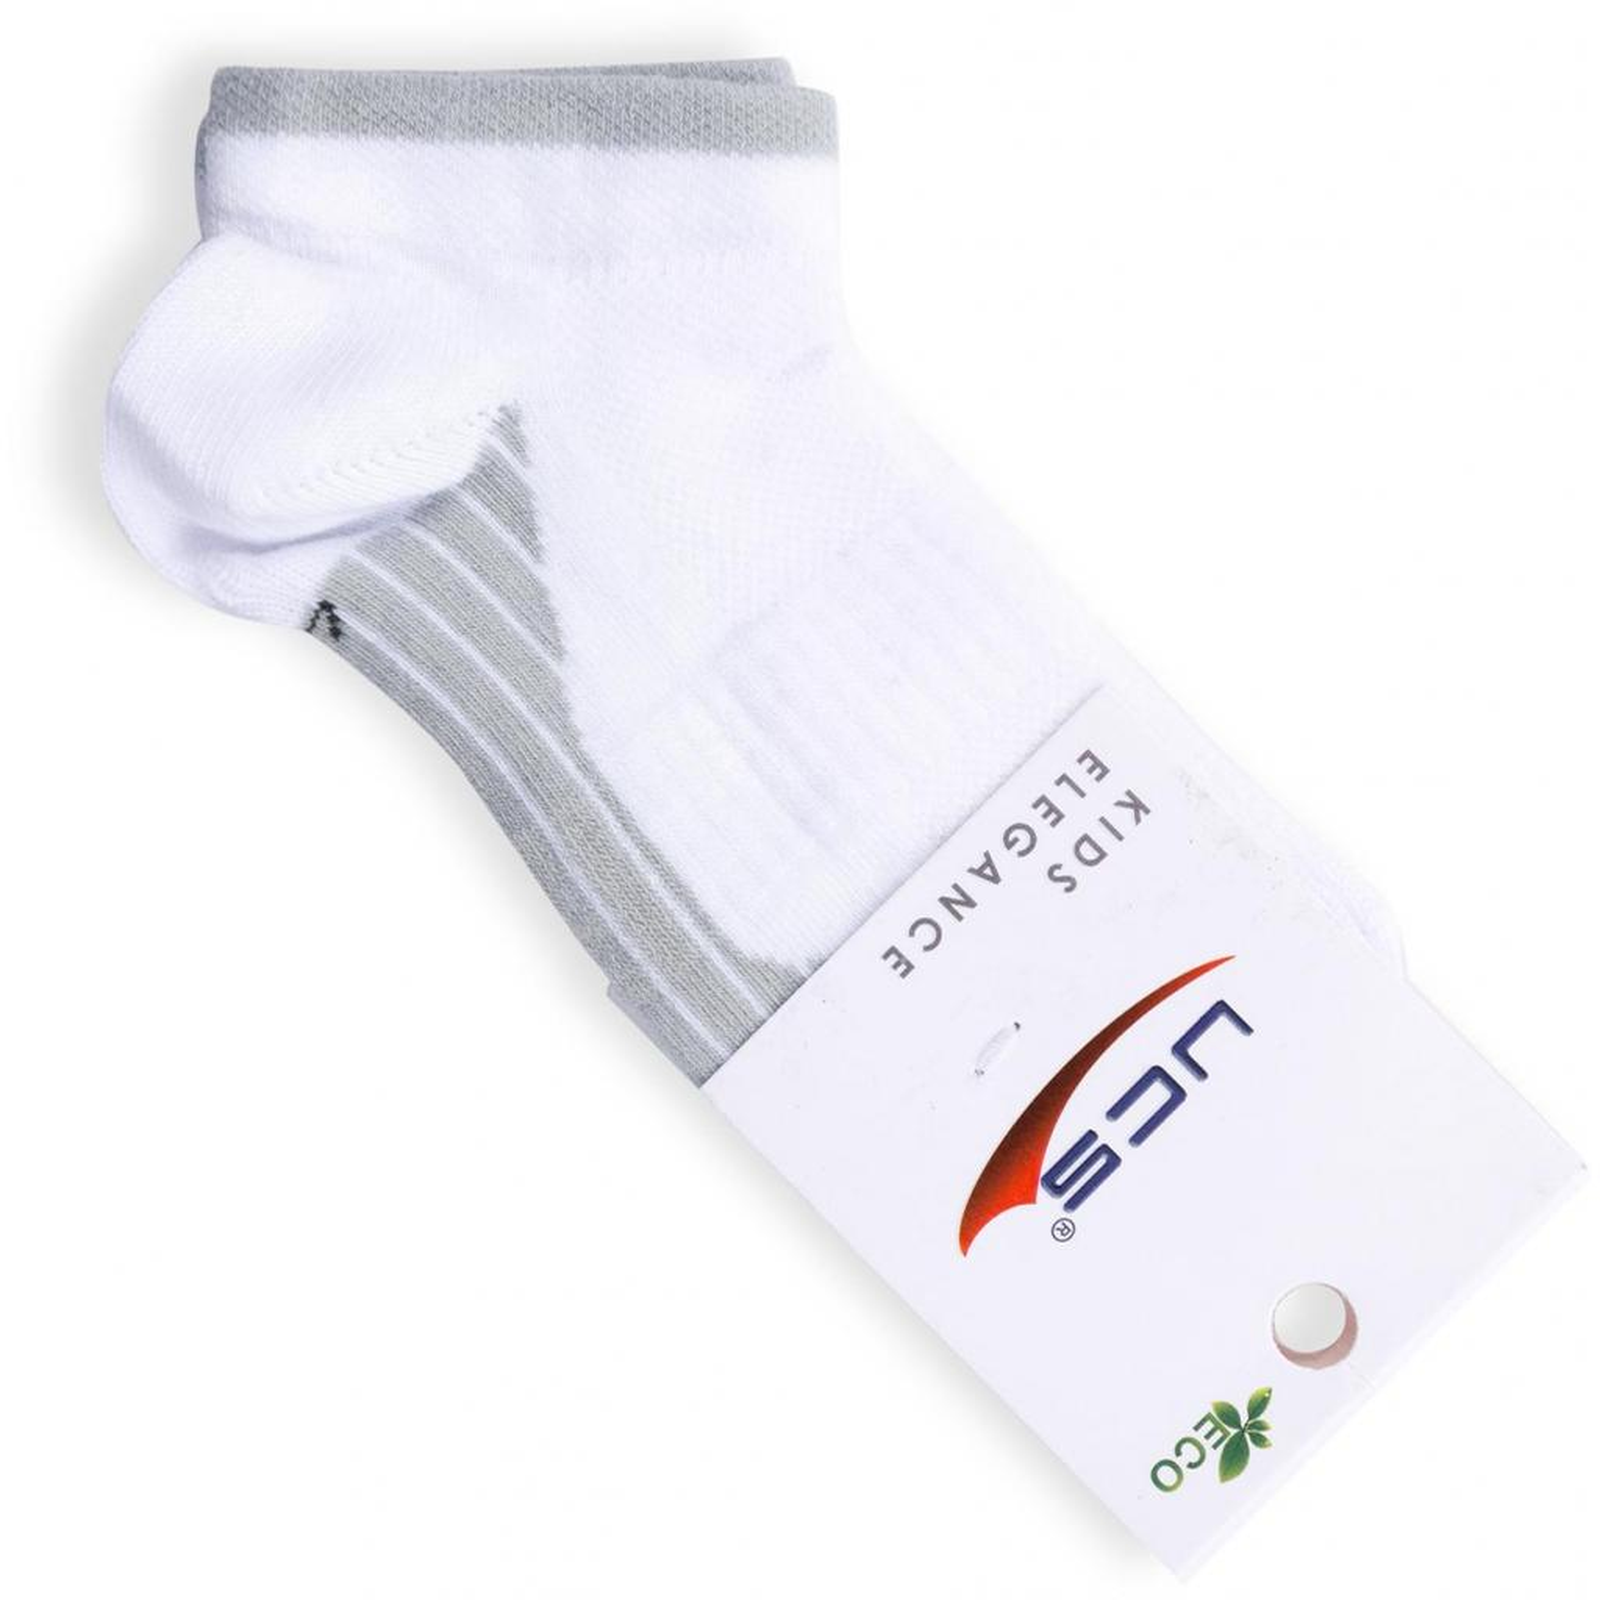 Носки UCS Socks спортивные (M0C0201-0093-11-gray) изображение 2